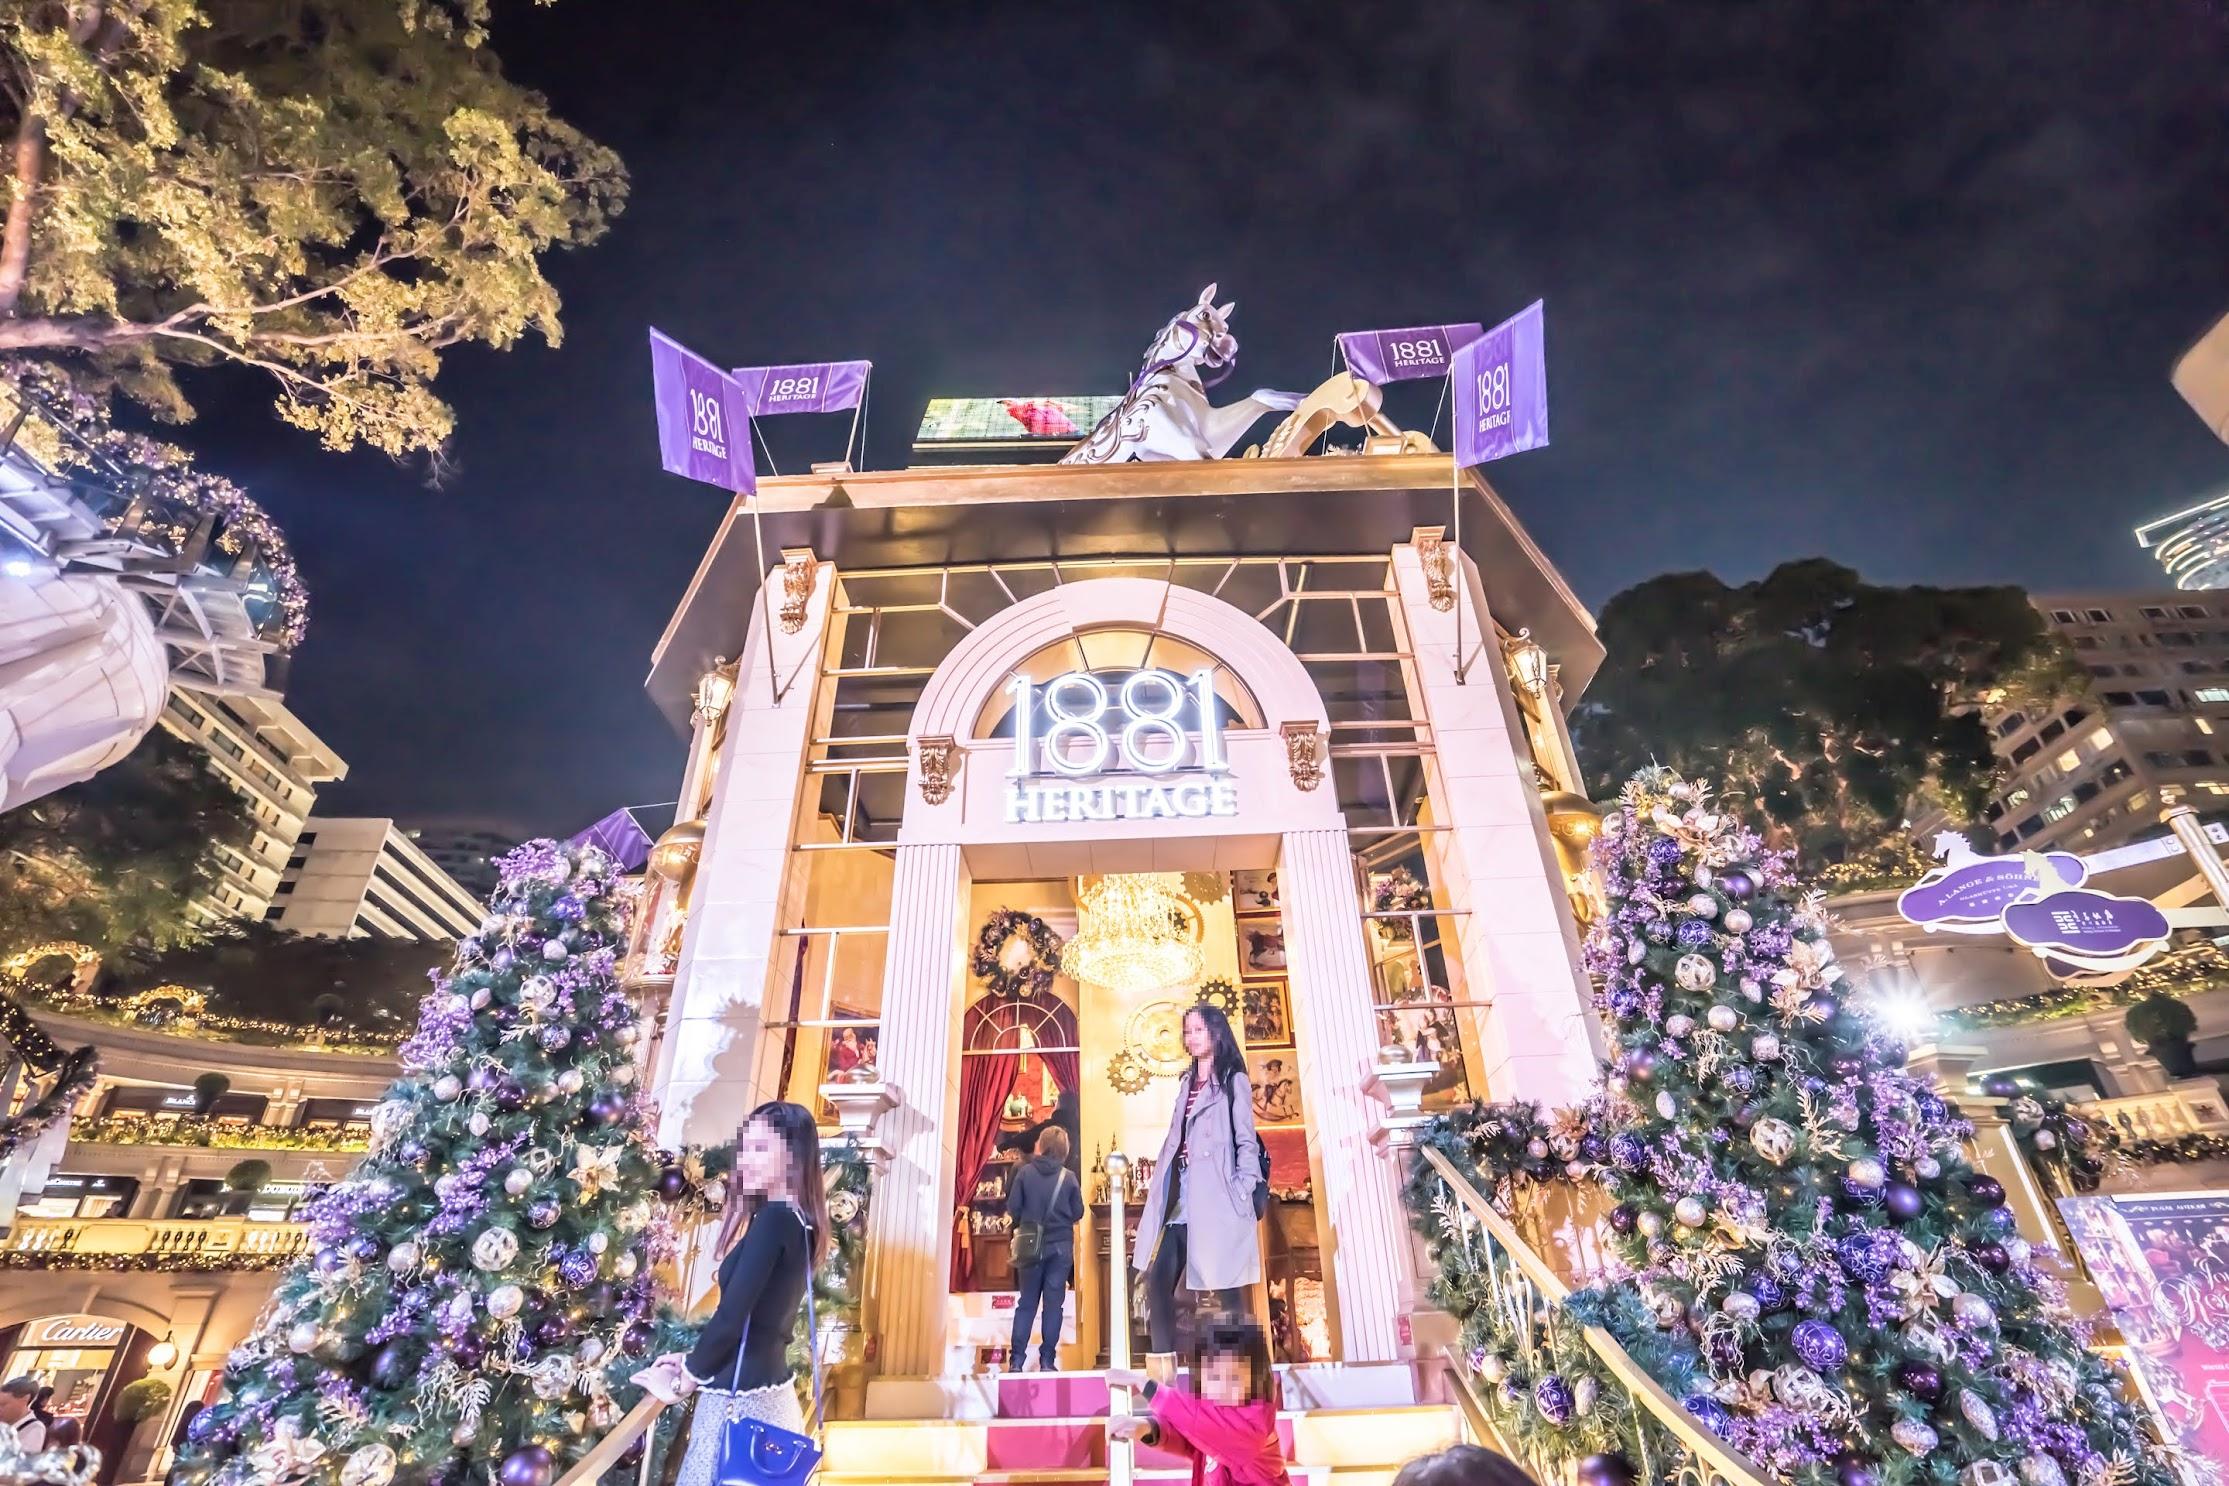 香港 Heritage 1881 1